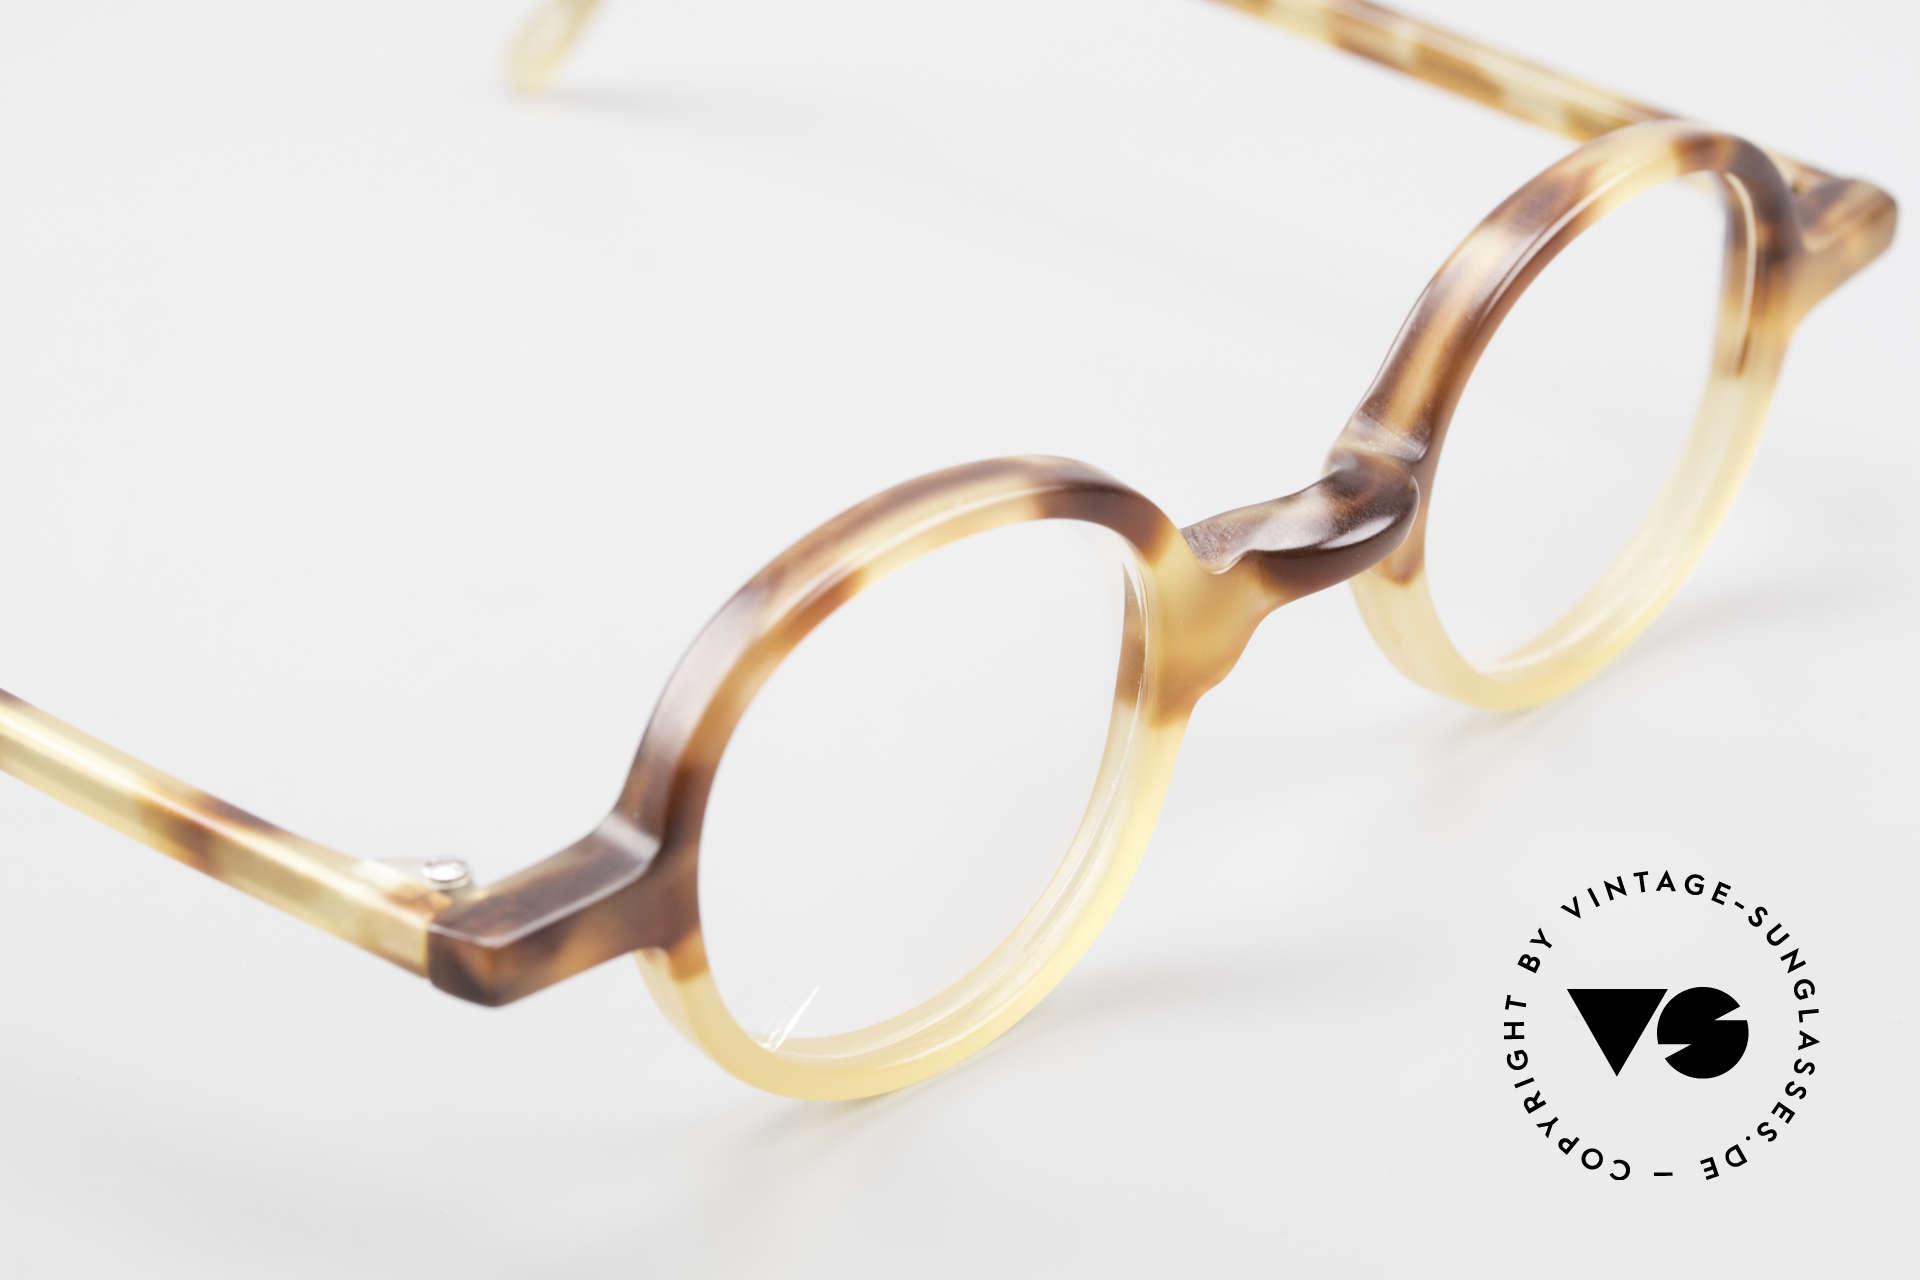 Anne Et Valentin Albert Runde Alte 80er Vintage Brille, dieses Modell stammt noch aus den Anfängen von A&V, Passend für Herren und Damen